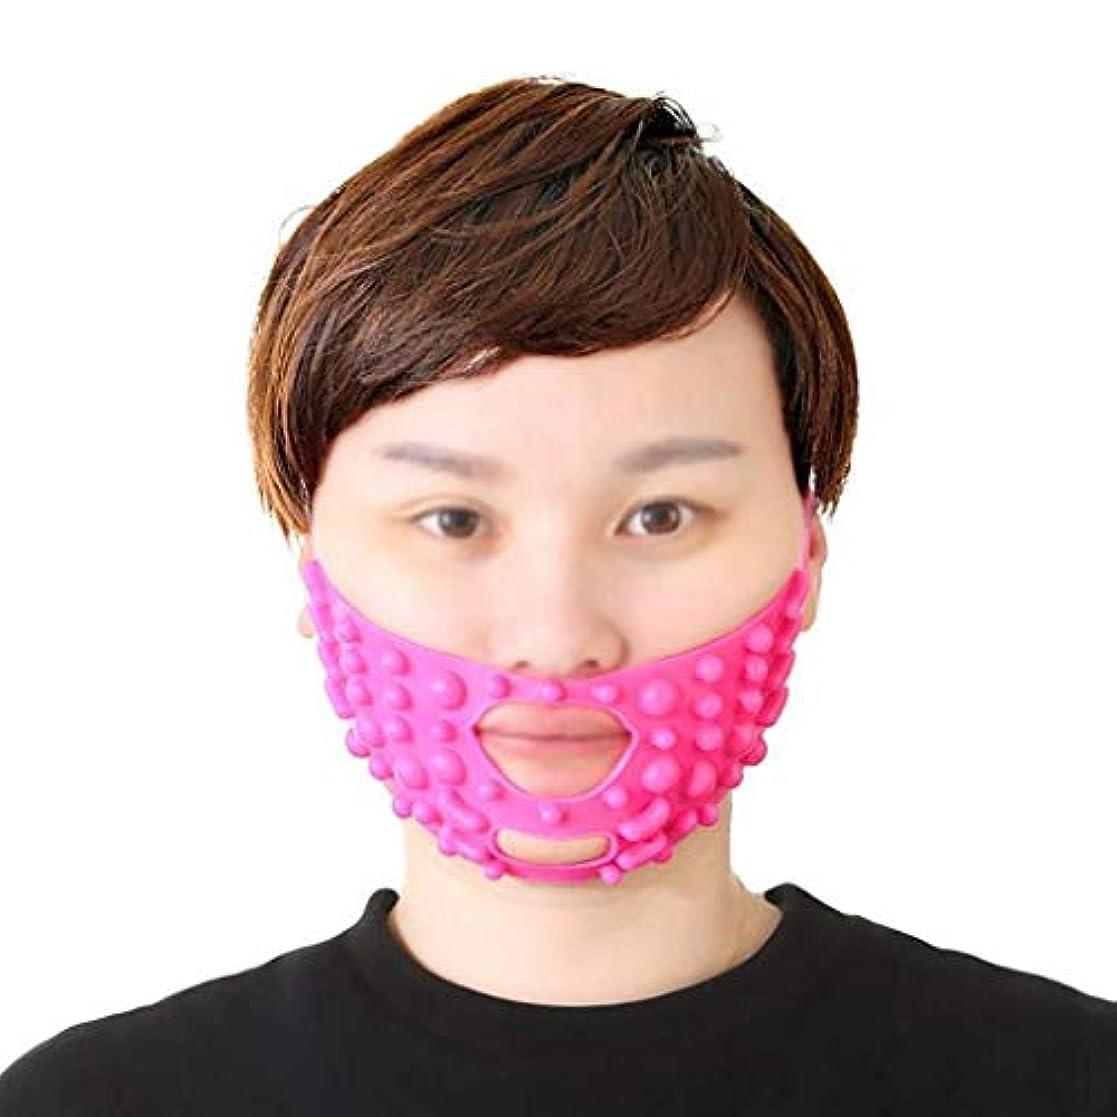 ファントム認証トラックフェイスリフトマスク、チンストラップシリコーンVフェイスマスクフェイスマスク強力な包帯V顔アーティファクトスモールV顔包帯顔と首リフトピンクシリコーン包帯